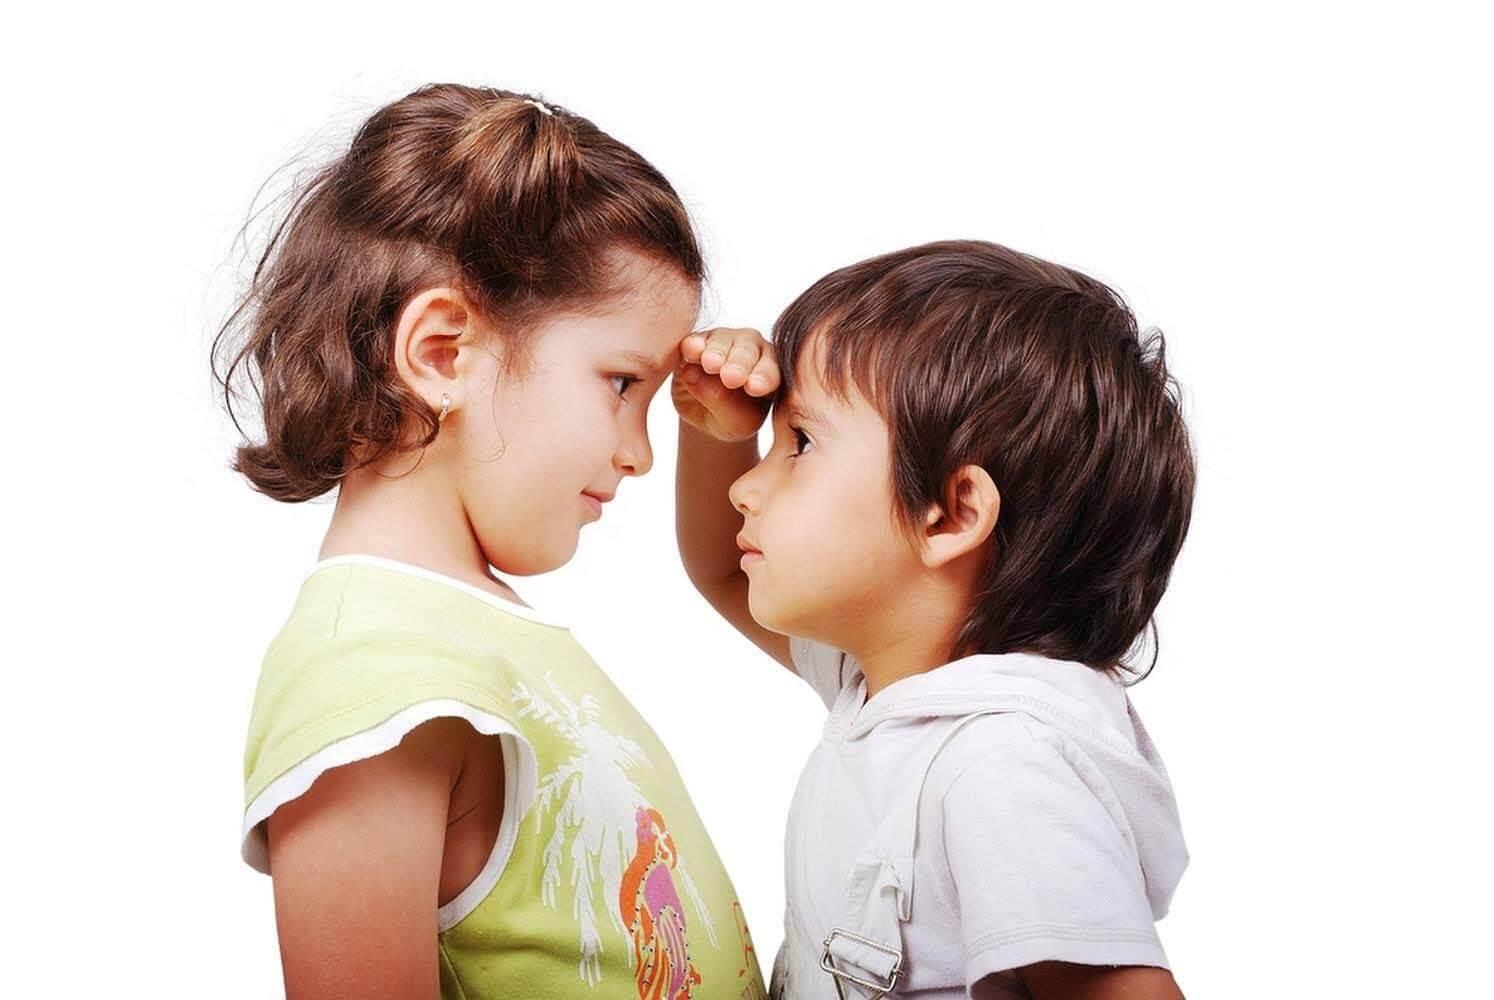 Trẻ 3 tuổi chỉ uống sữa sẽ thấp bé và gầy còm hơn bạn bè